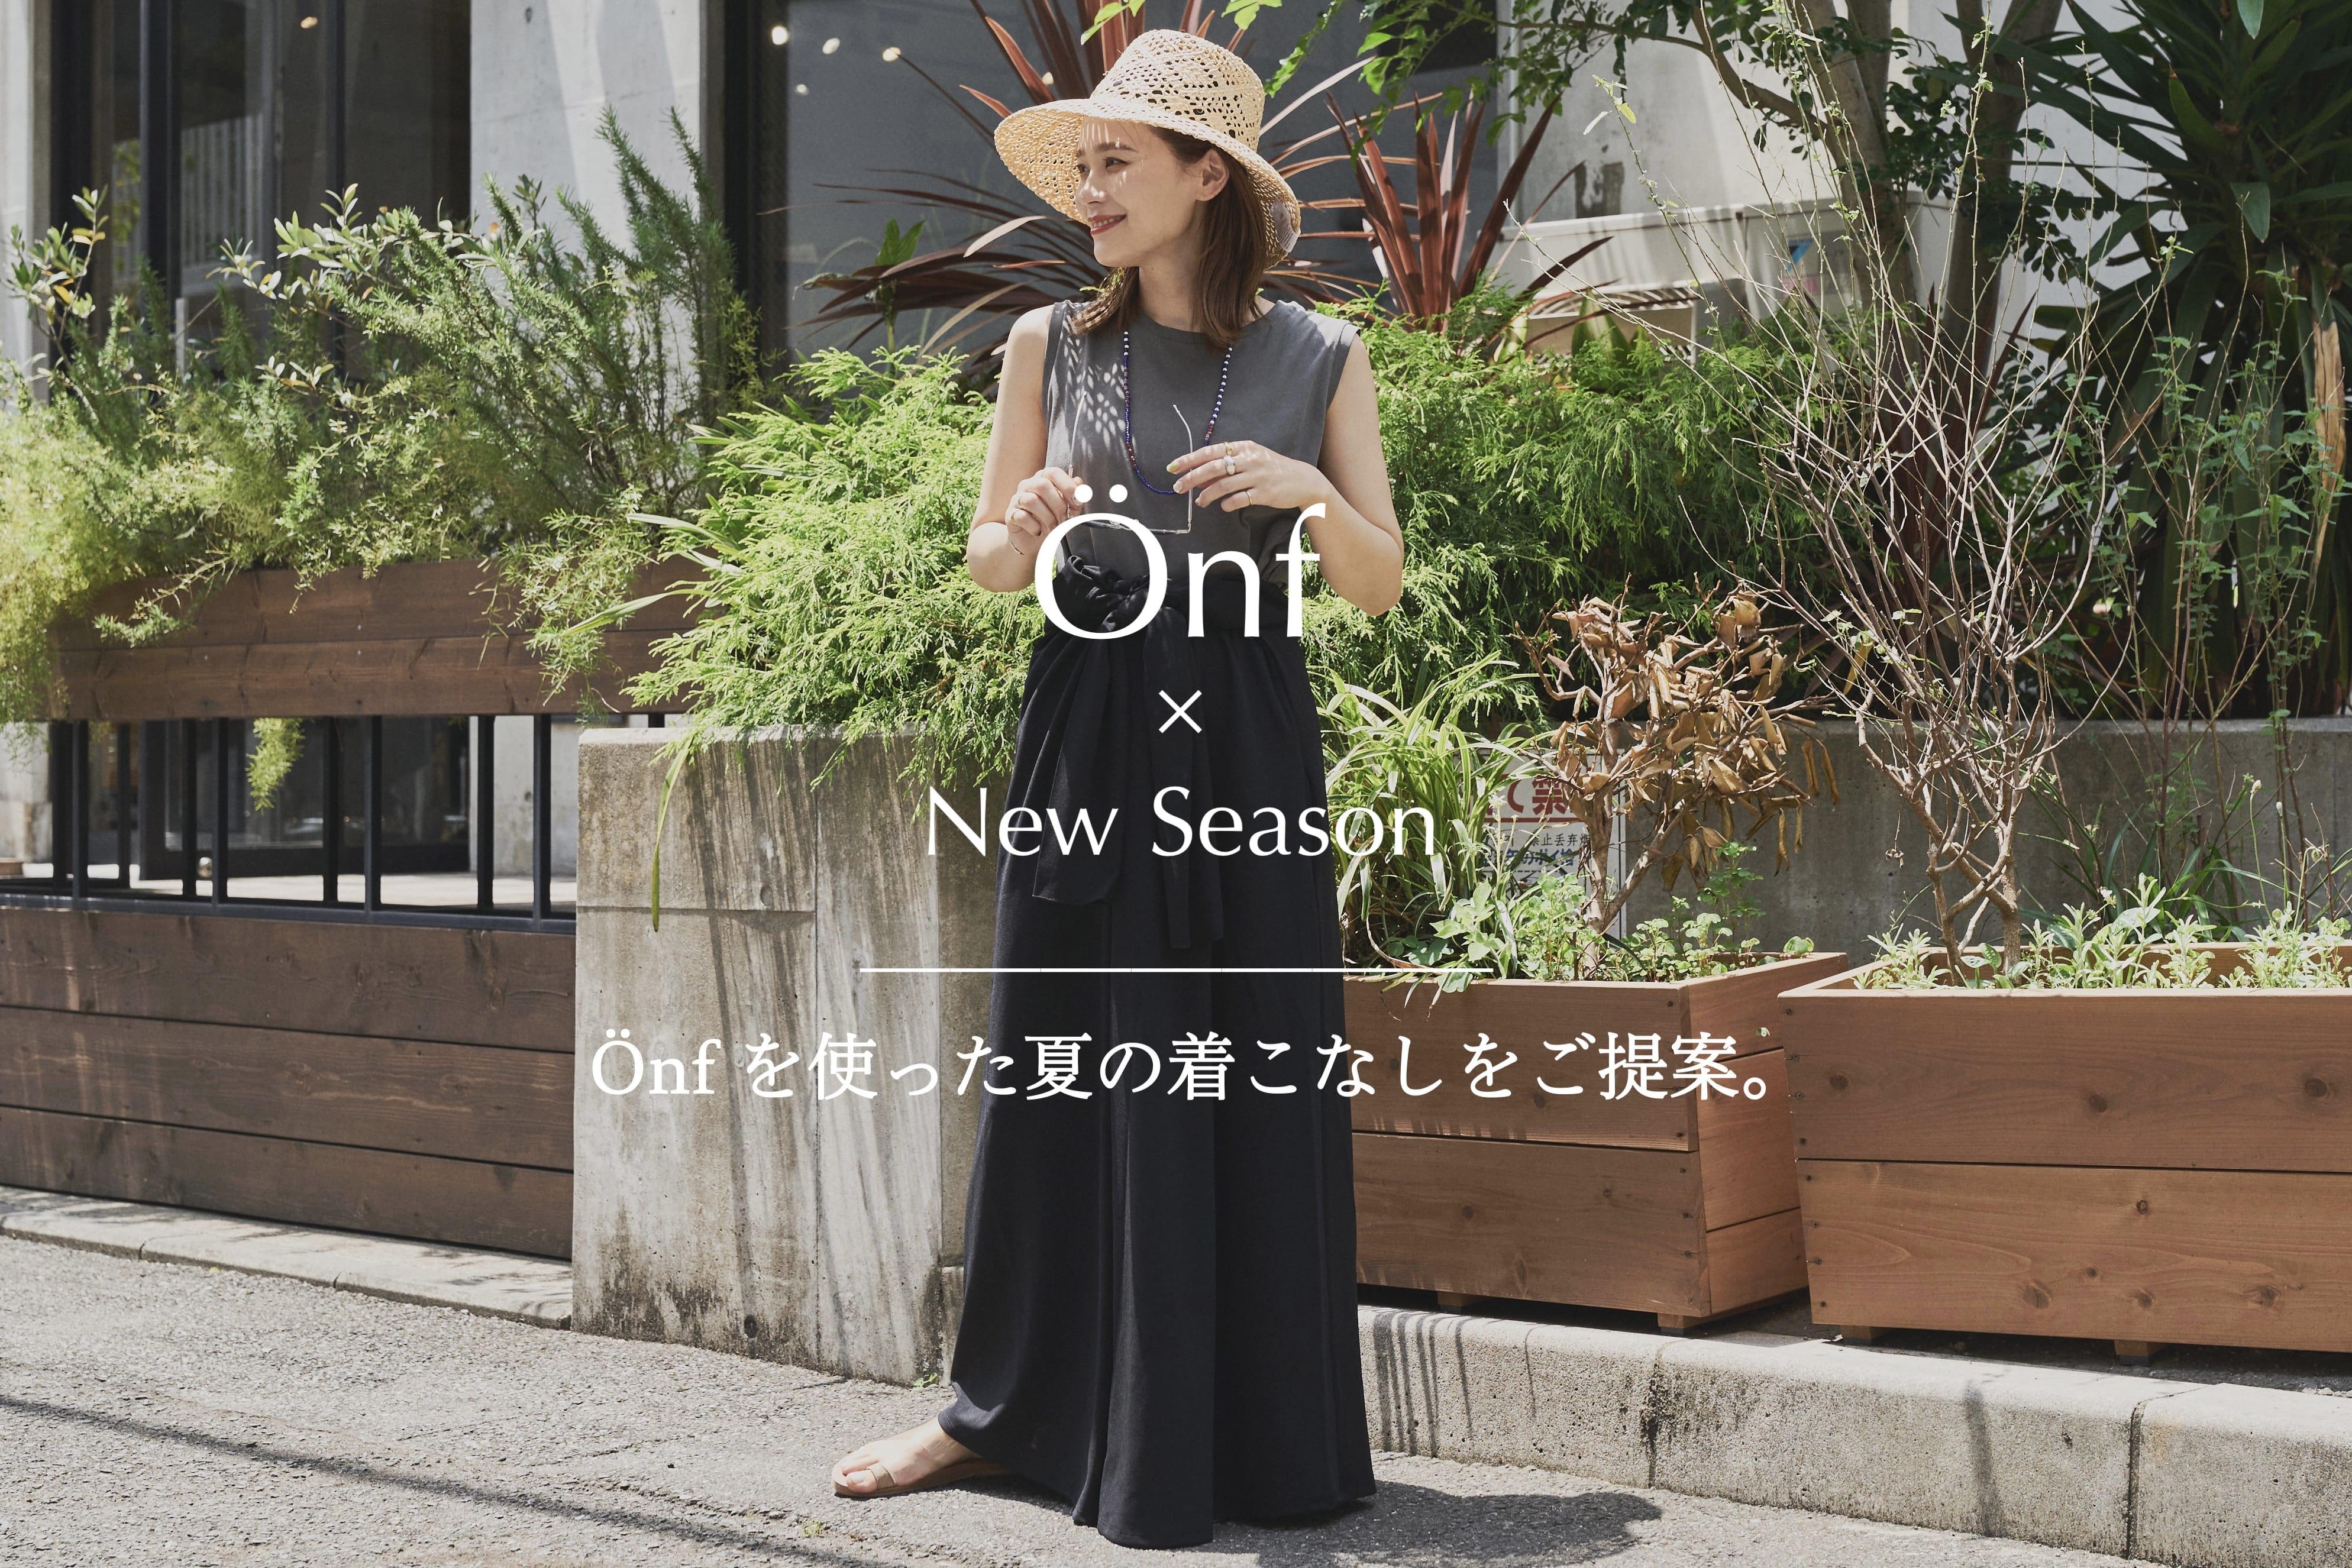 Omekashi Önfを使った夏の着こなしをご提案。